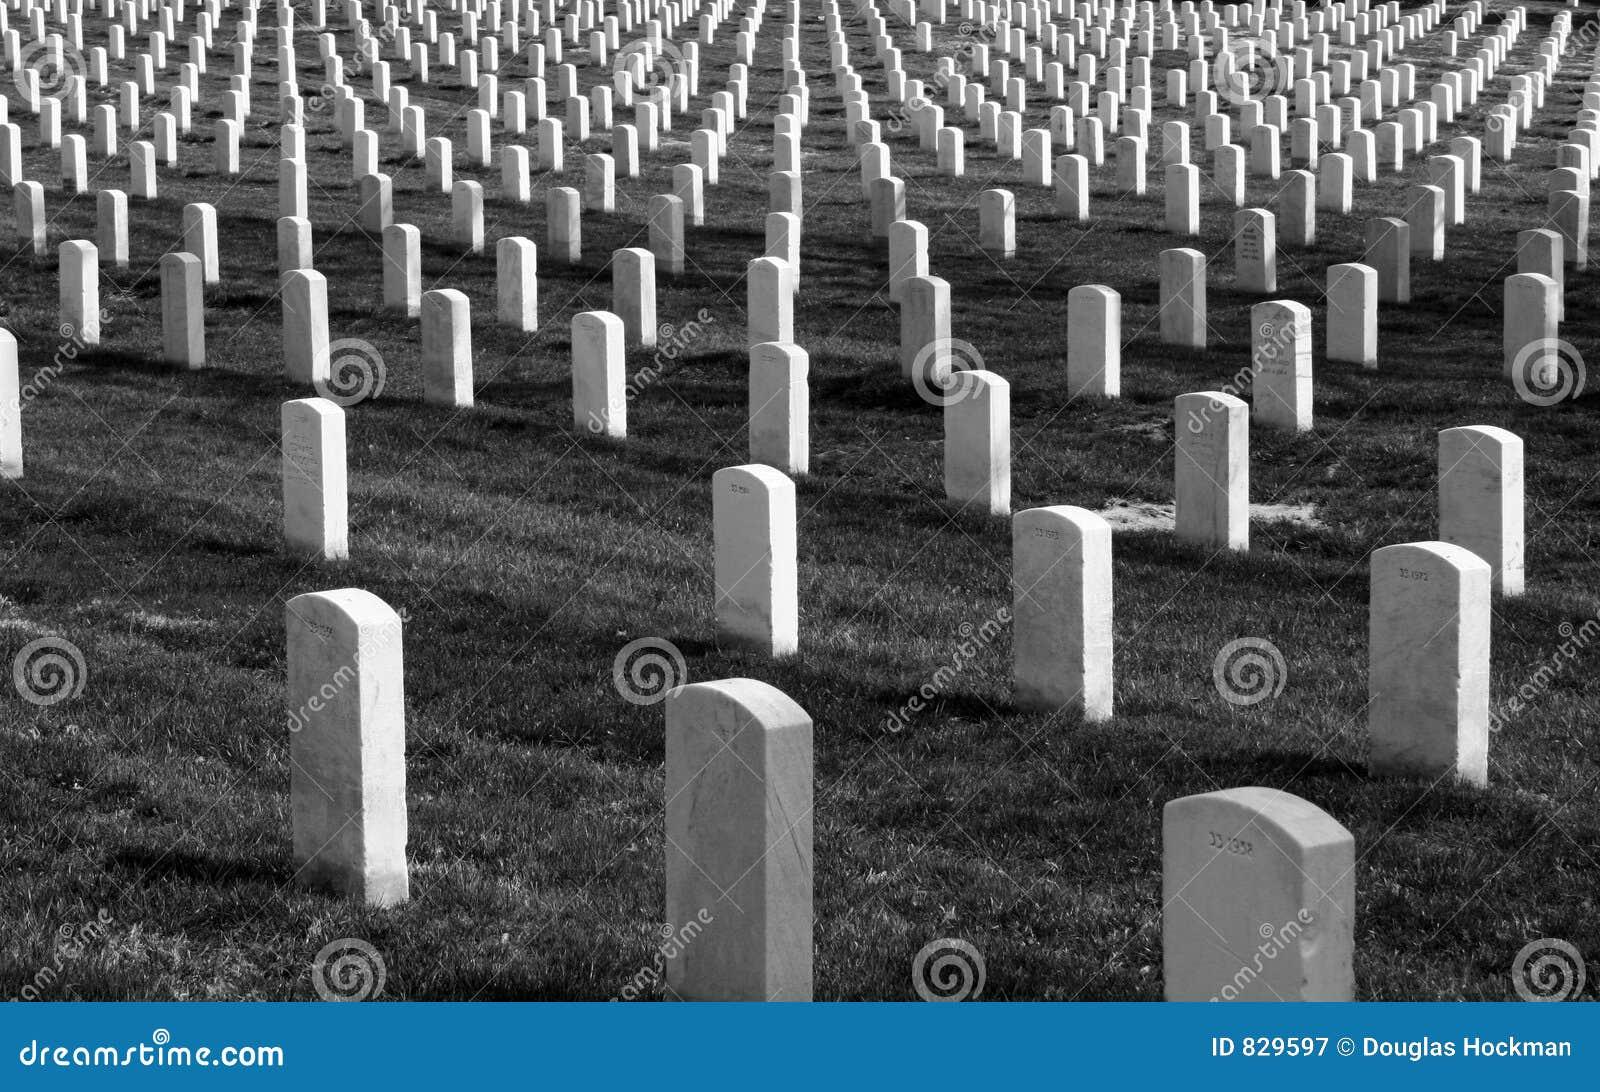 Arlington Headstones